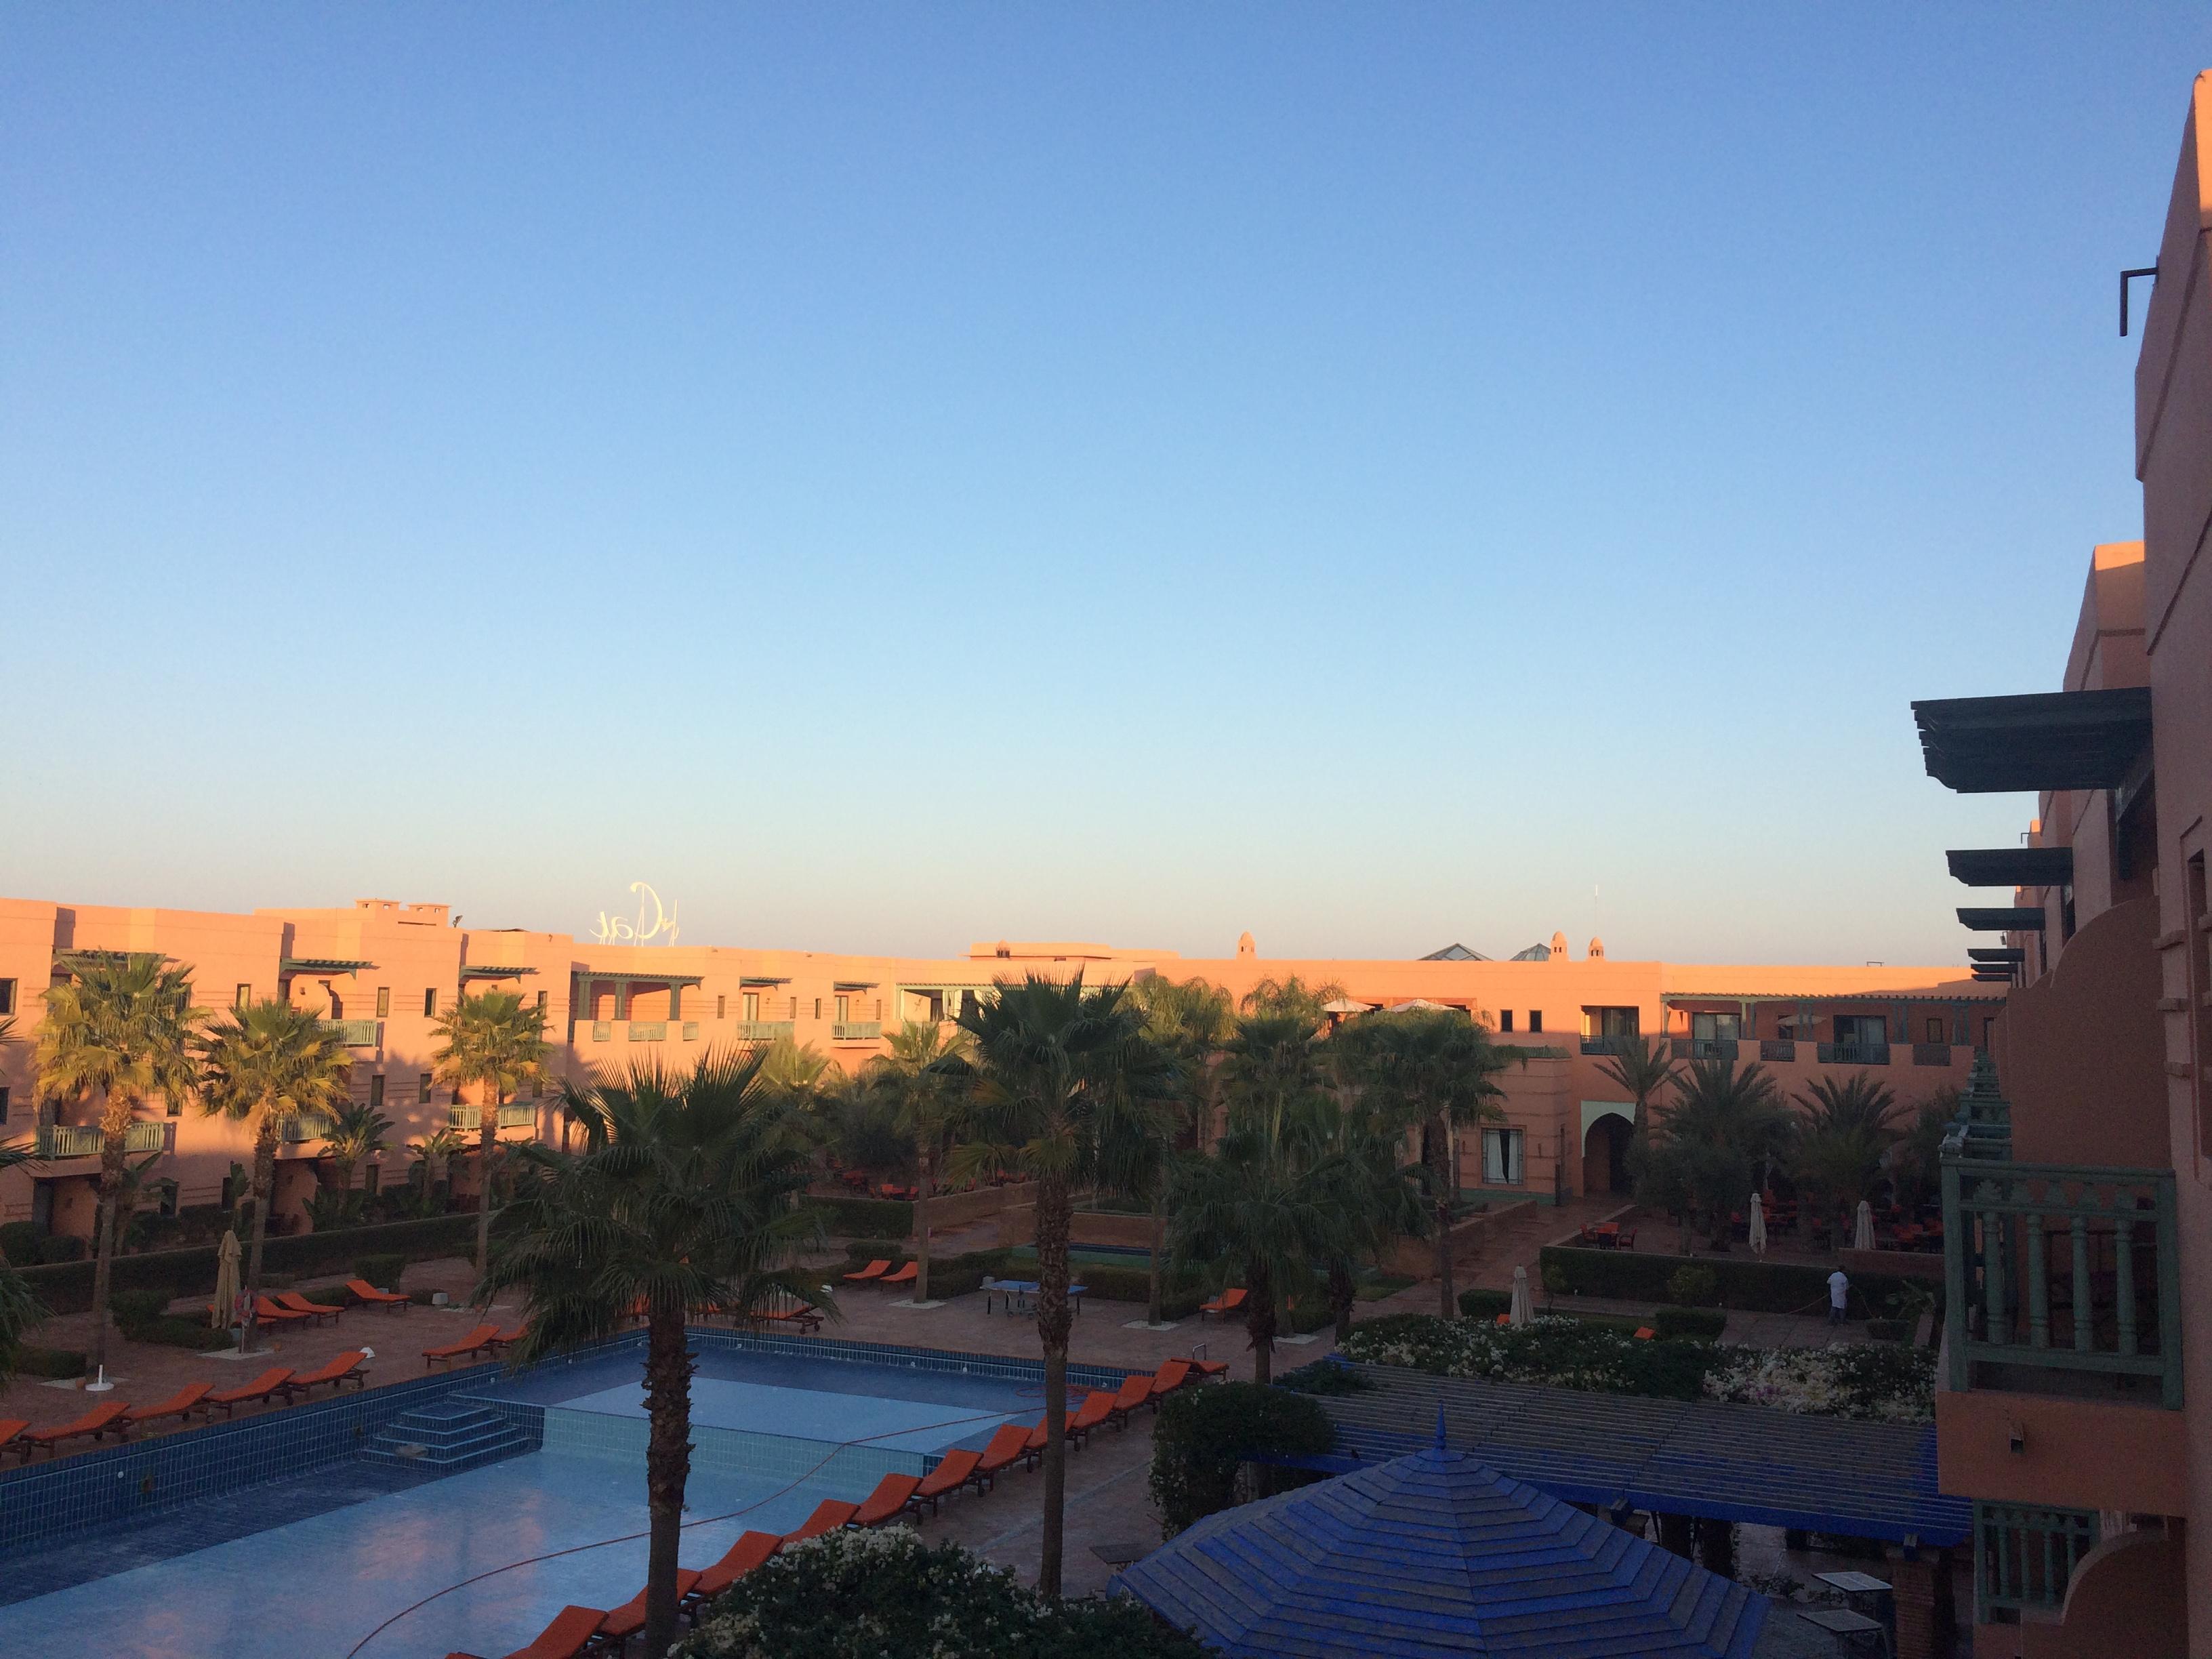 Hotel les jardins de l 39 agdal marrakech camel travel - Hotel les jardins de l agdal marrakech ...